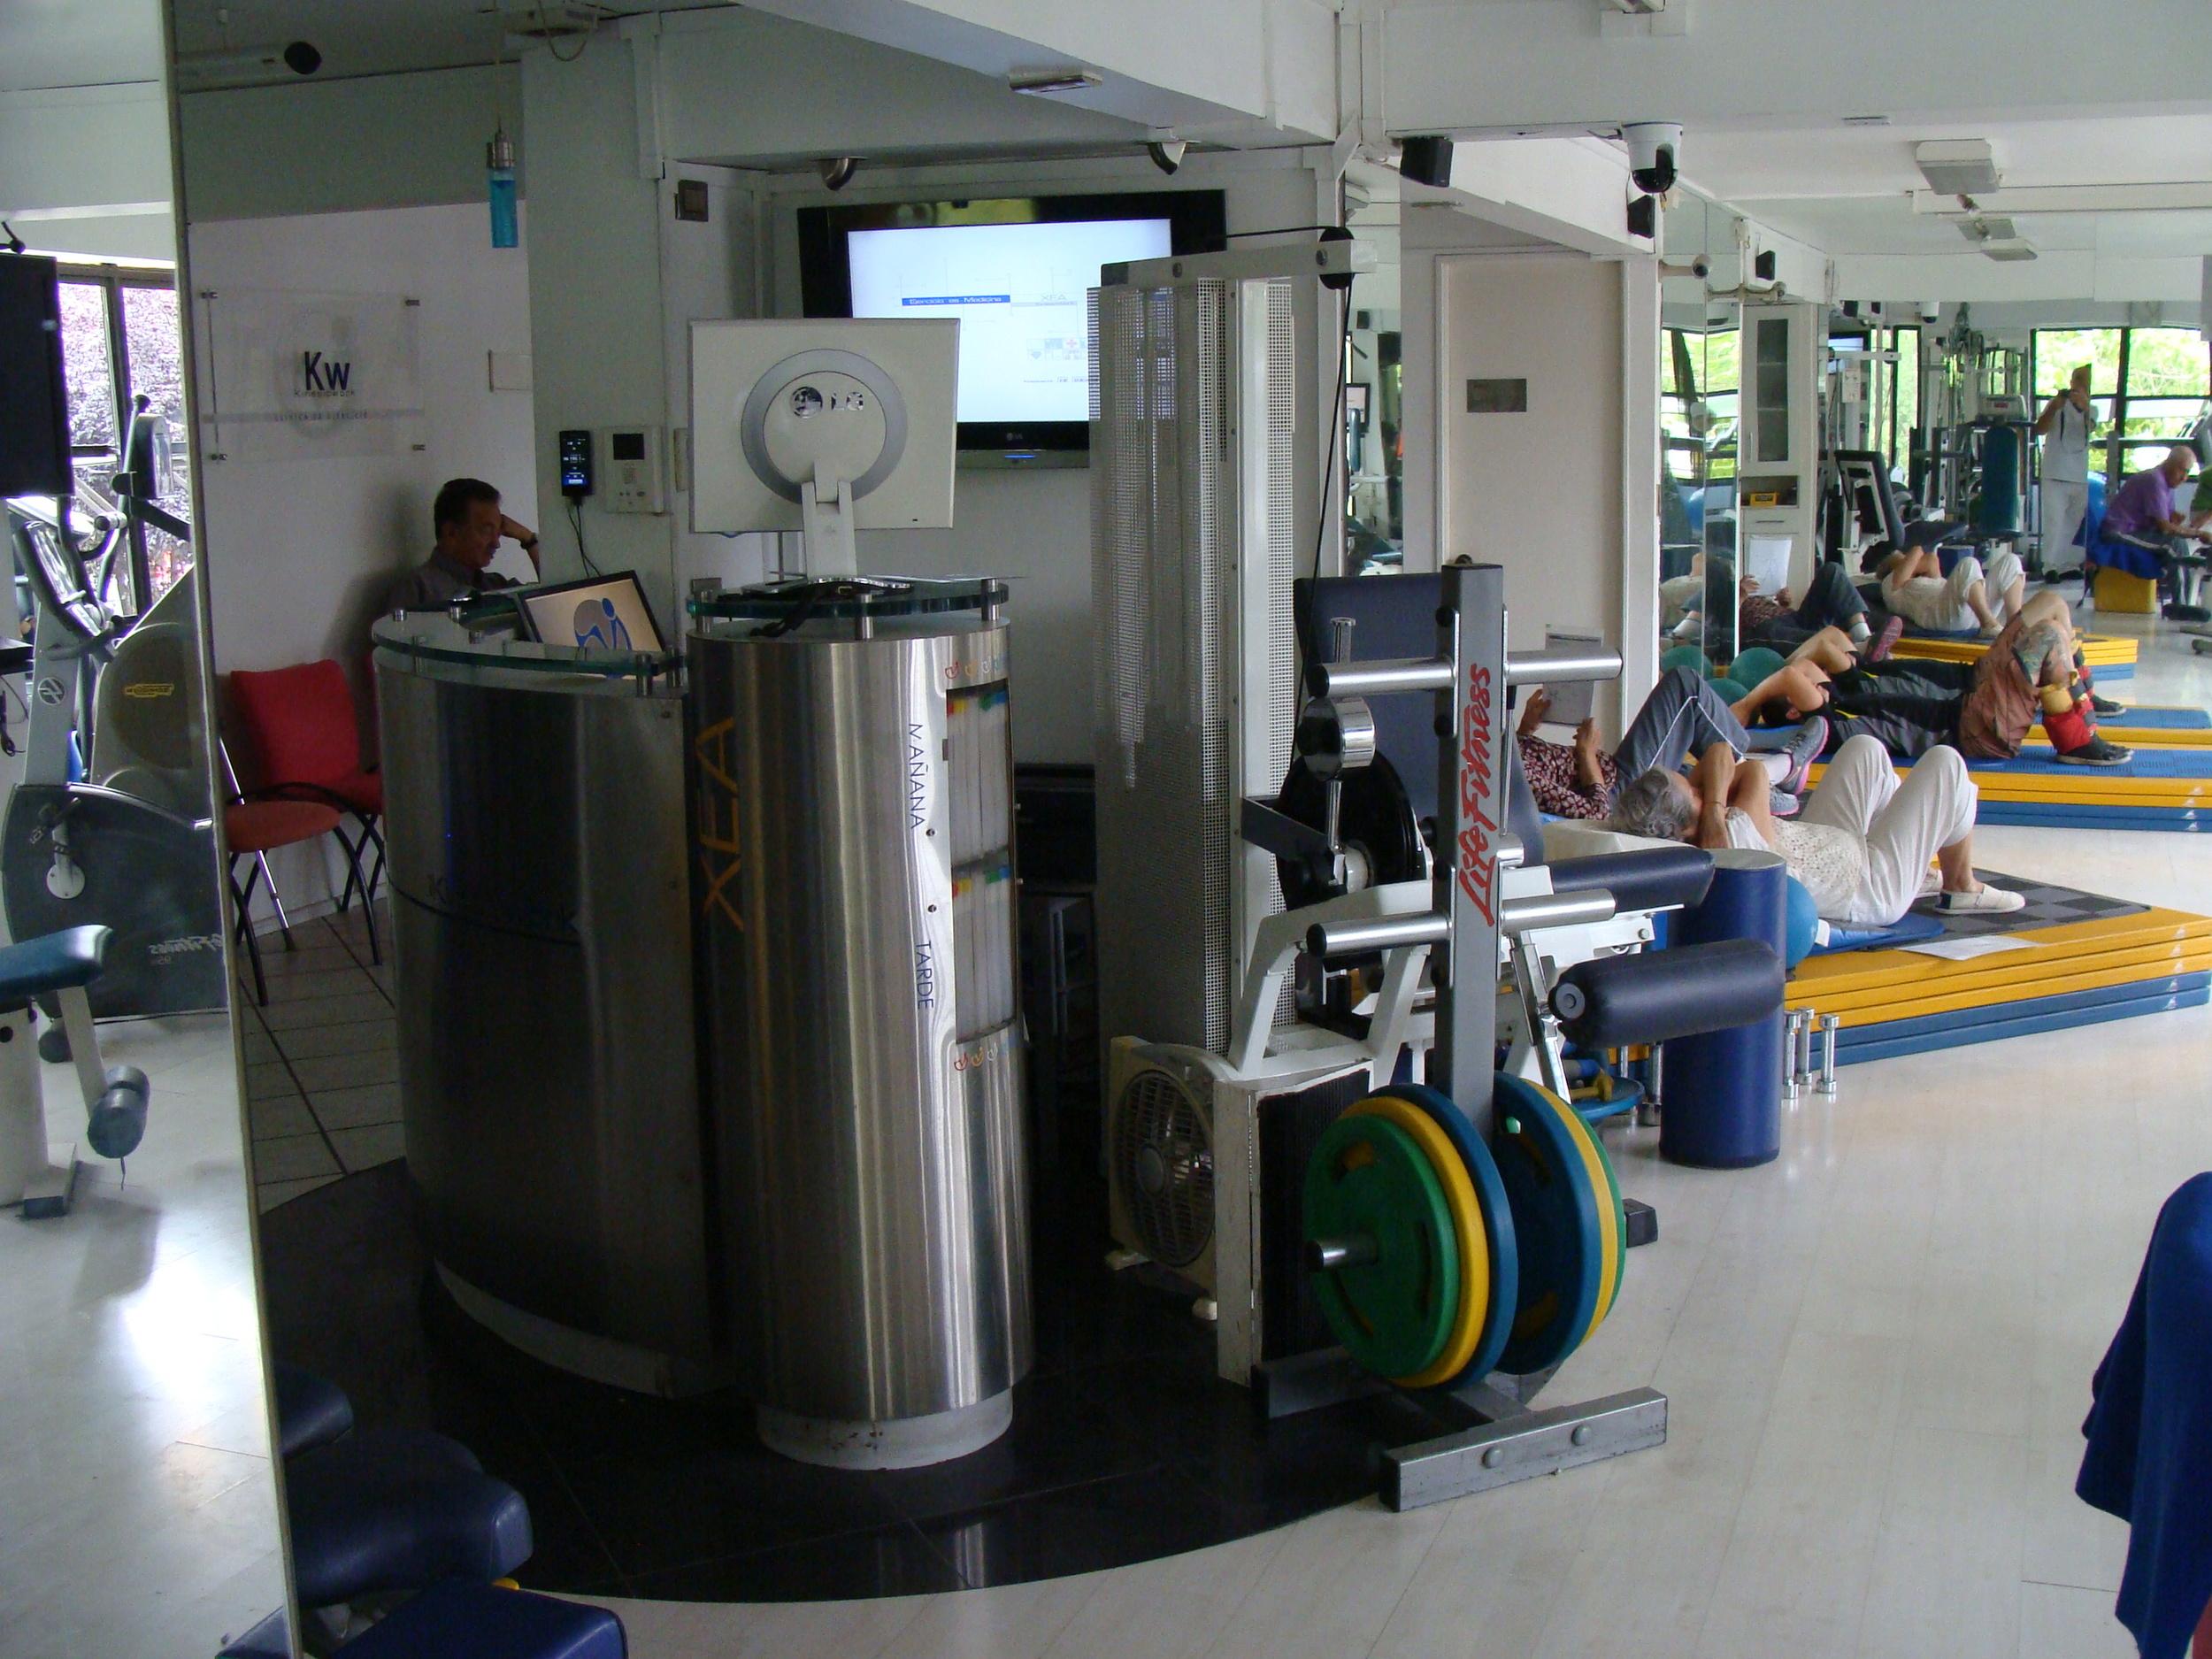 kinesiologia - kinesiologos - pacientes - clinica de ejercicio.JPG